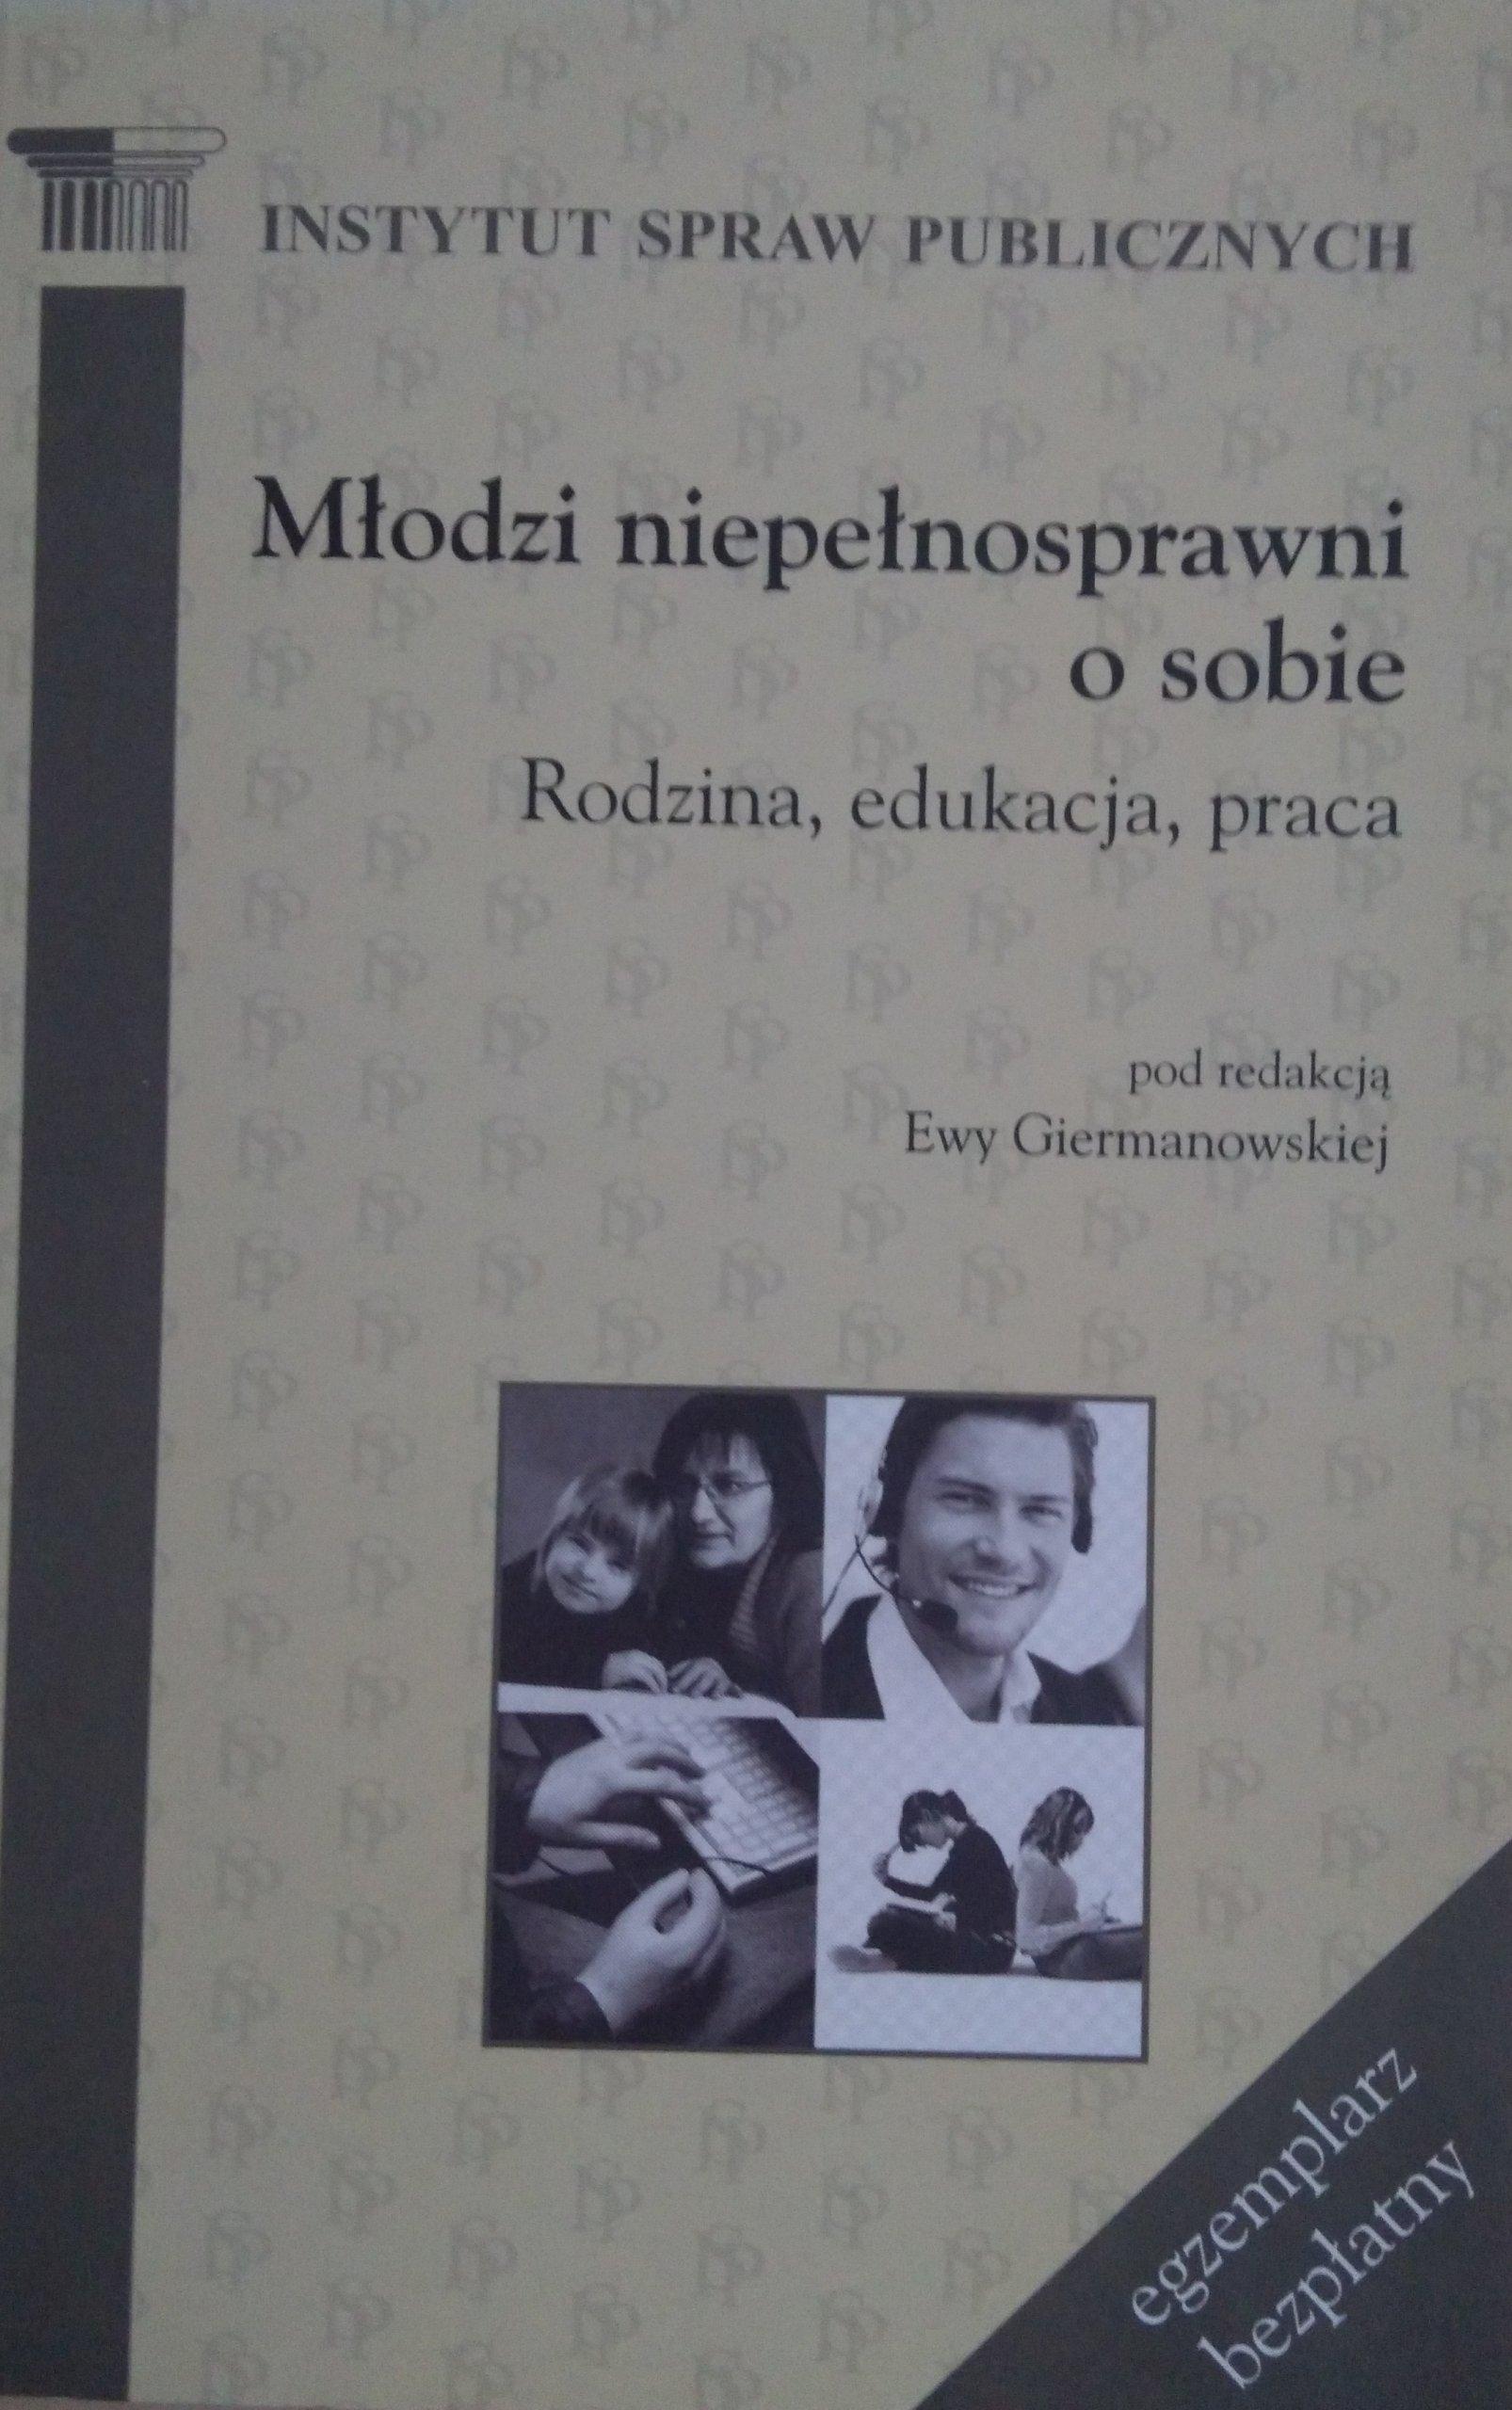 24f9165693 Młodzi niepełnosprawni o sobie Giermanowska - 7173730911 - oficjalne ...